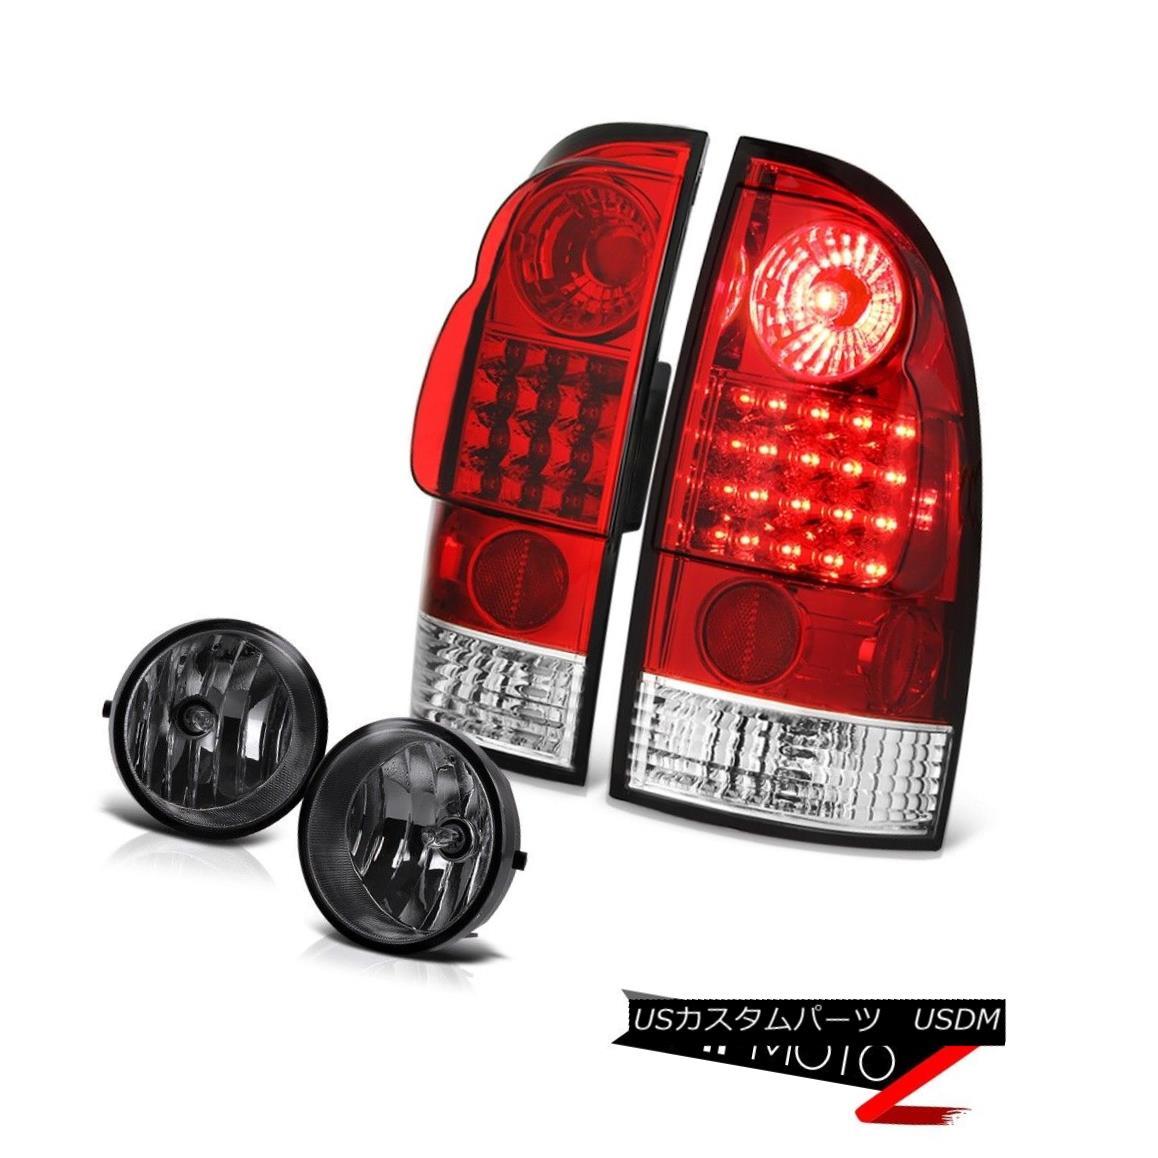 テールライト 2005-2011 Tacoma TRD Offroad Red LED Tail Lights Foglights Wiring Relay Assembly 2005-2011 Tacoma TRDオフロード赤色LEDテールライトフォグライト配線リレーアセンブリ